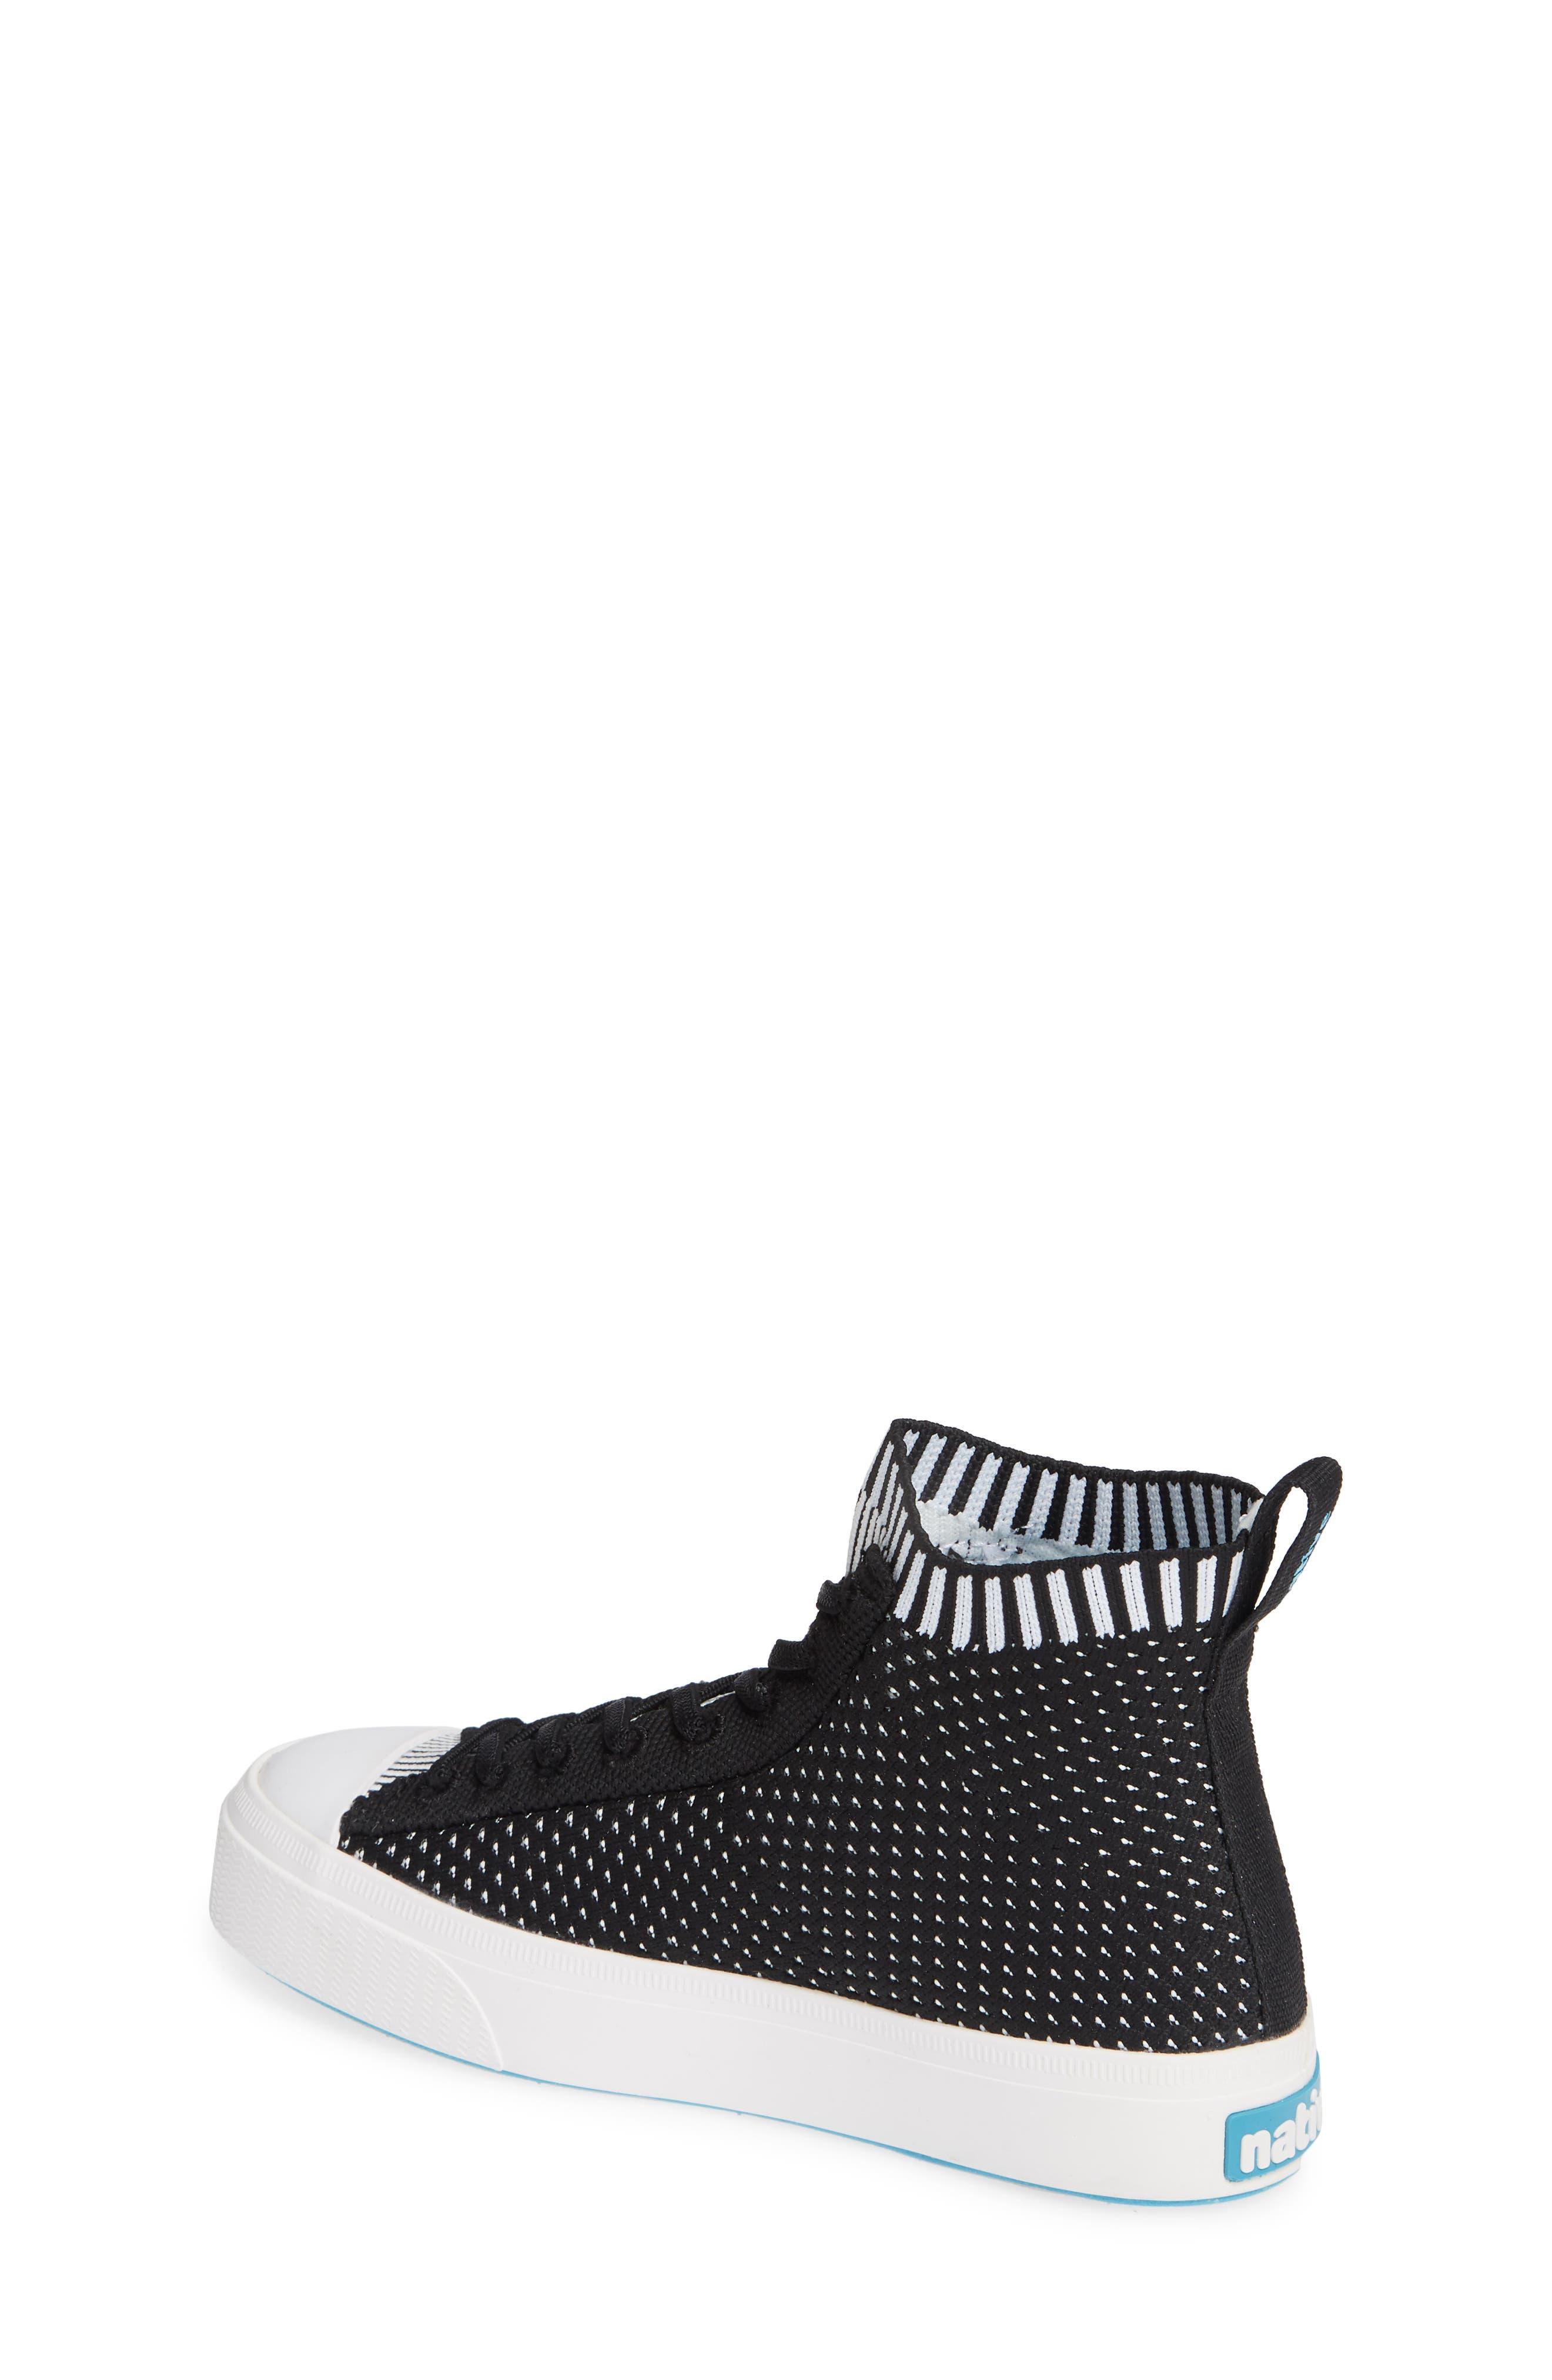 Jefferson 2.0 LiteKnit Vegan High Top Sneaker,                             Alternate thumbnail 2, color,                             JIFFY BLACK/ SHELL WHITE